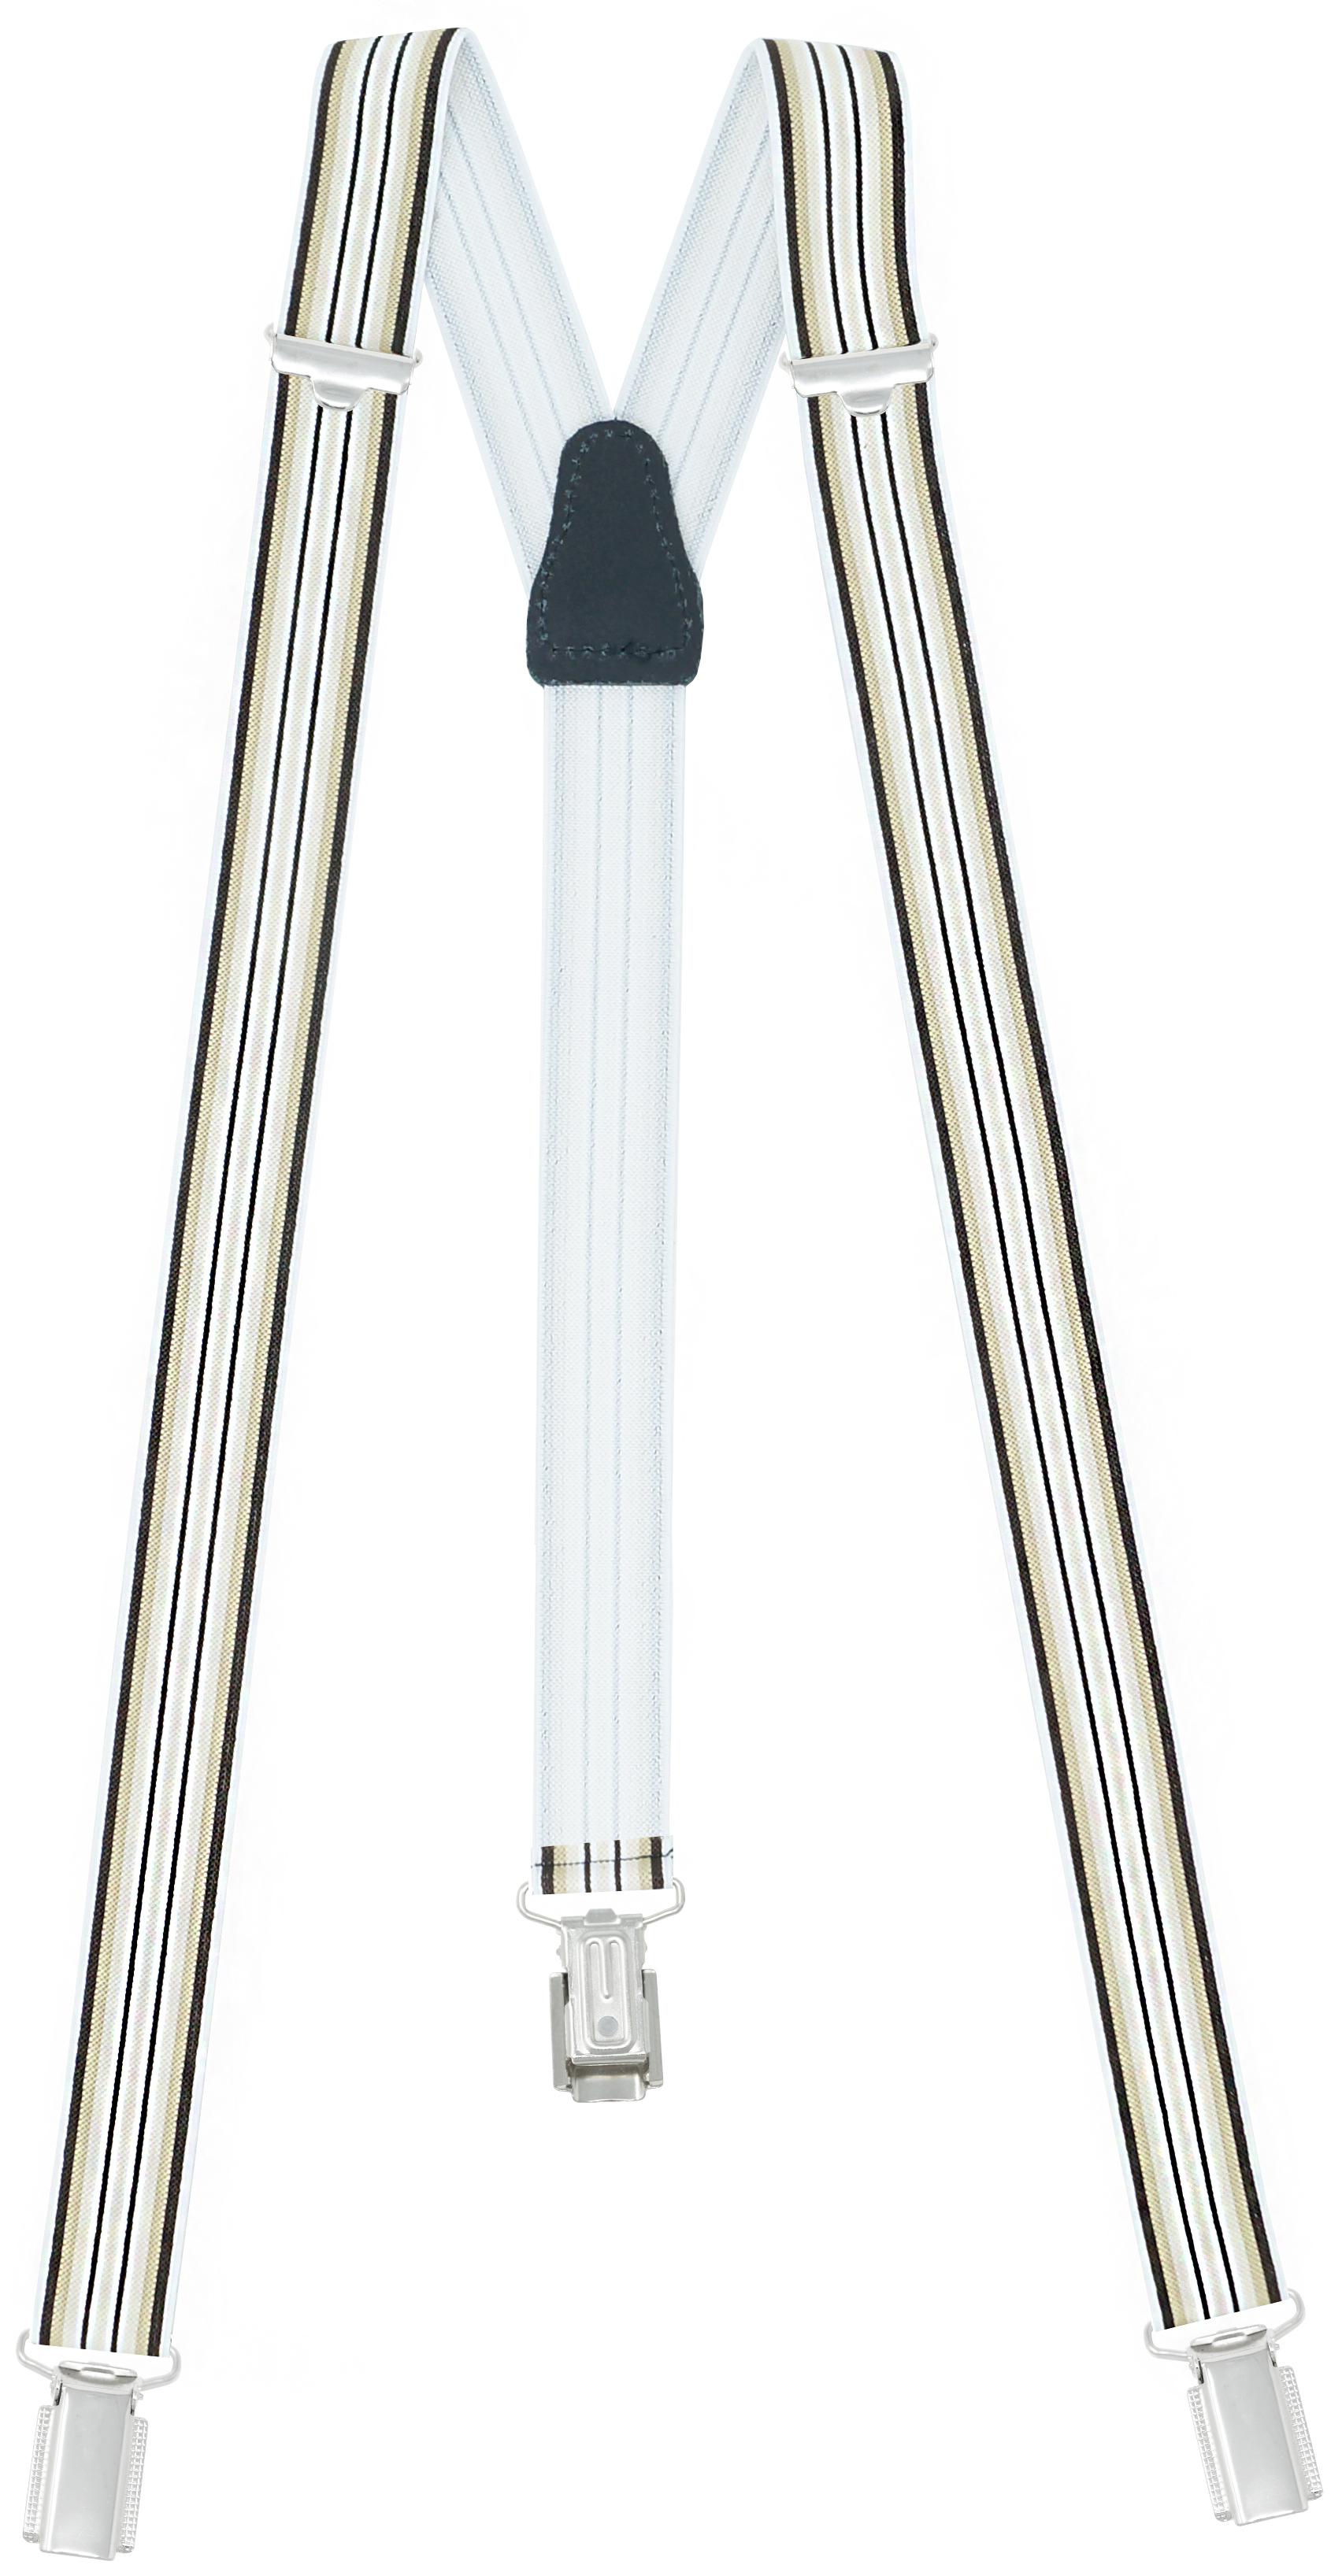 25mm Breit mit 3 Clips - Braun / Beige